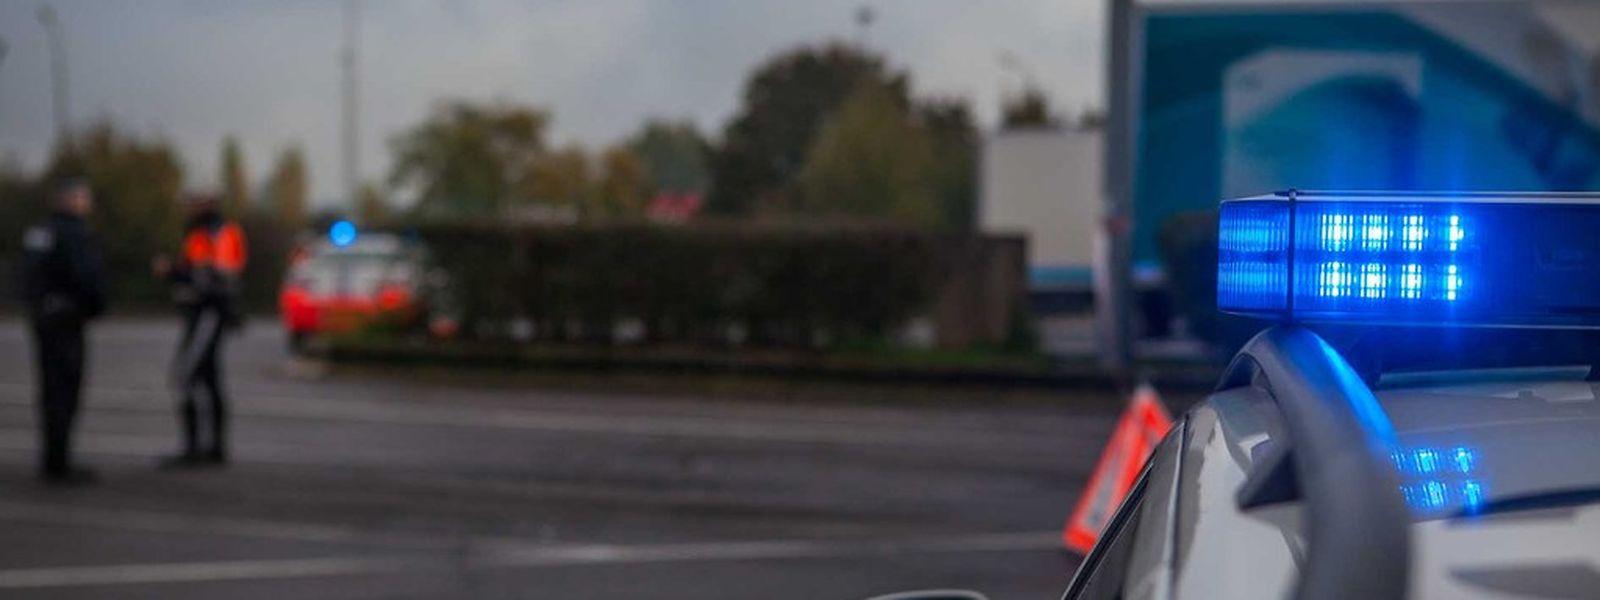 Pourquoi le camion s'est-il tout à coup mis en marche: l'enquête devra le déterminer